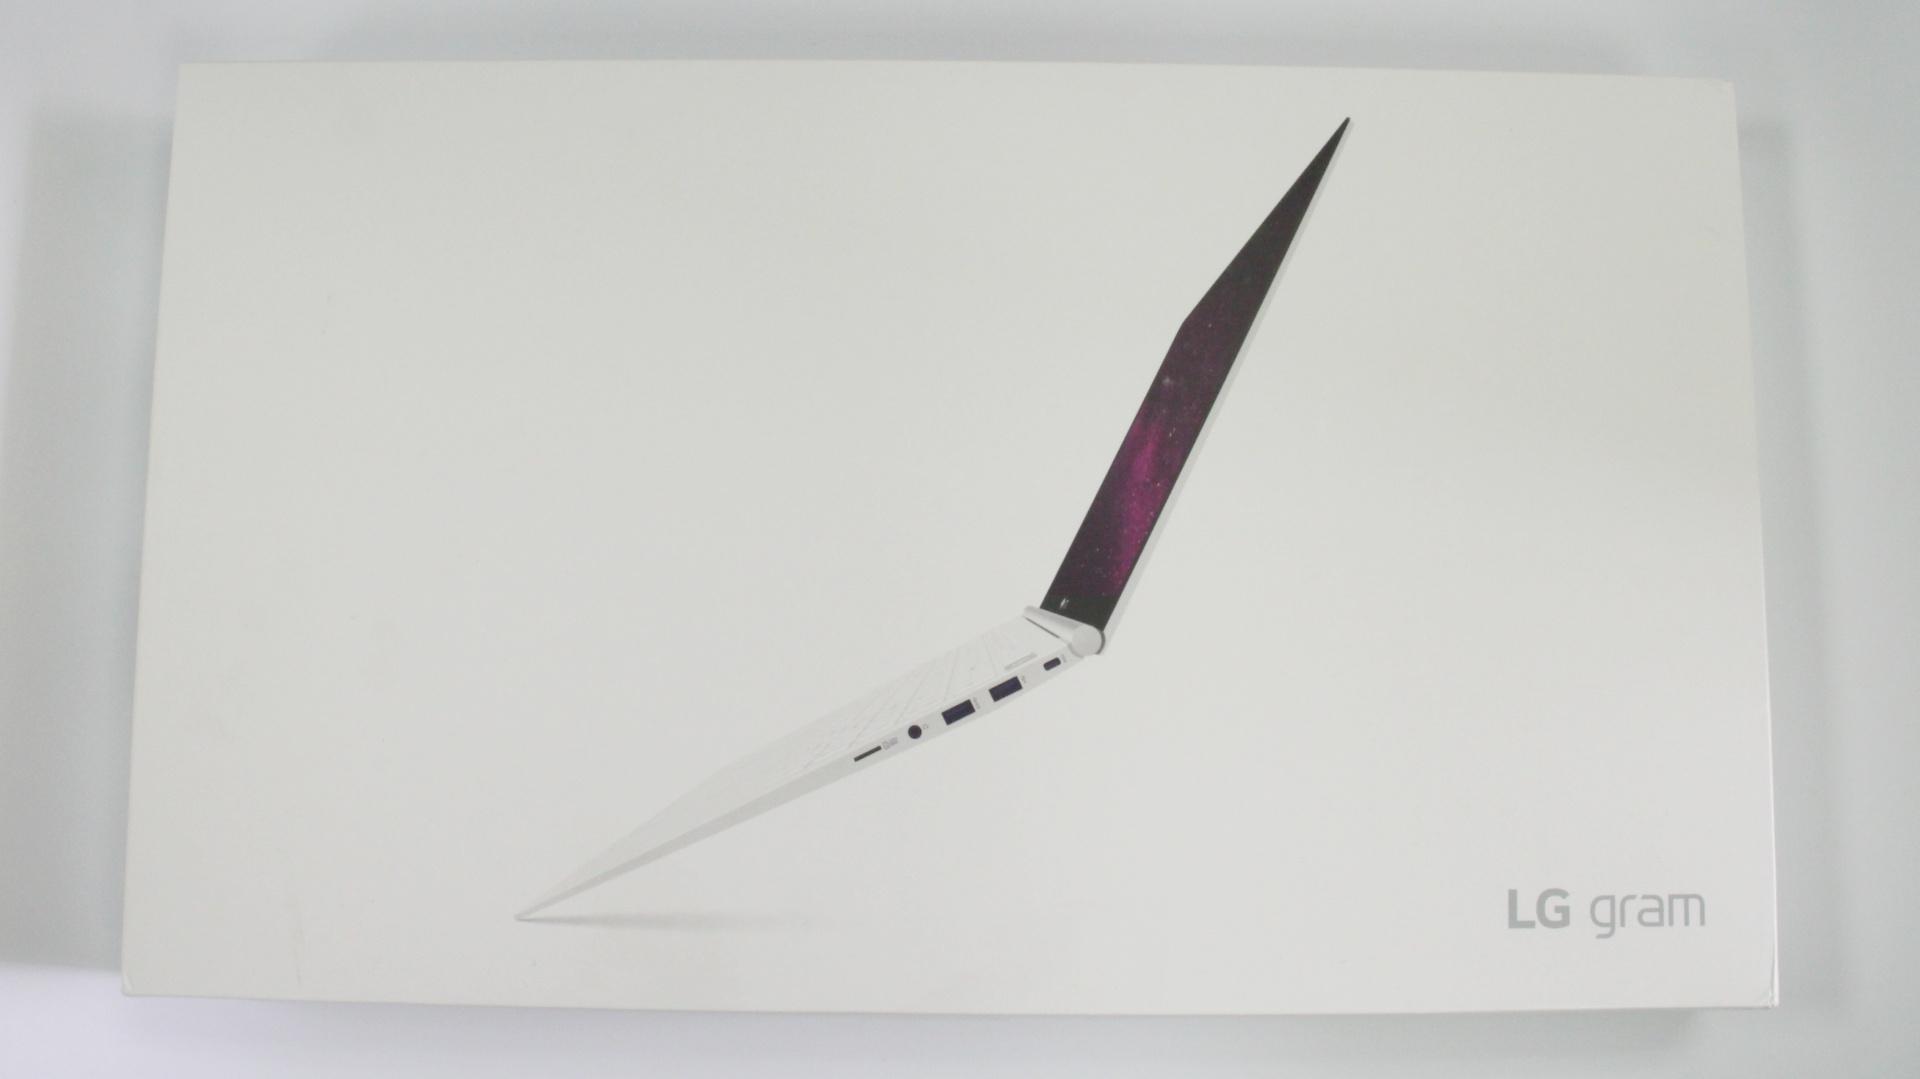 介紹LG GRAM 15Z980 筆電測試與改裝